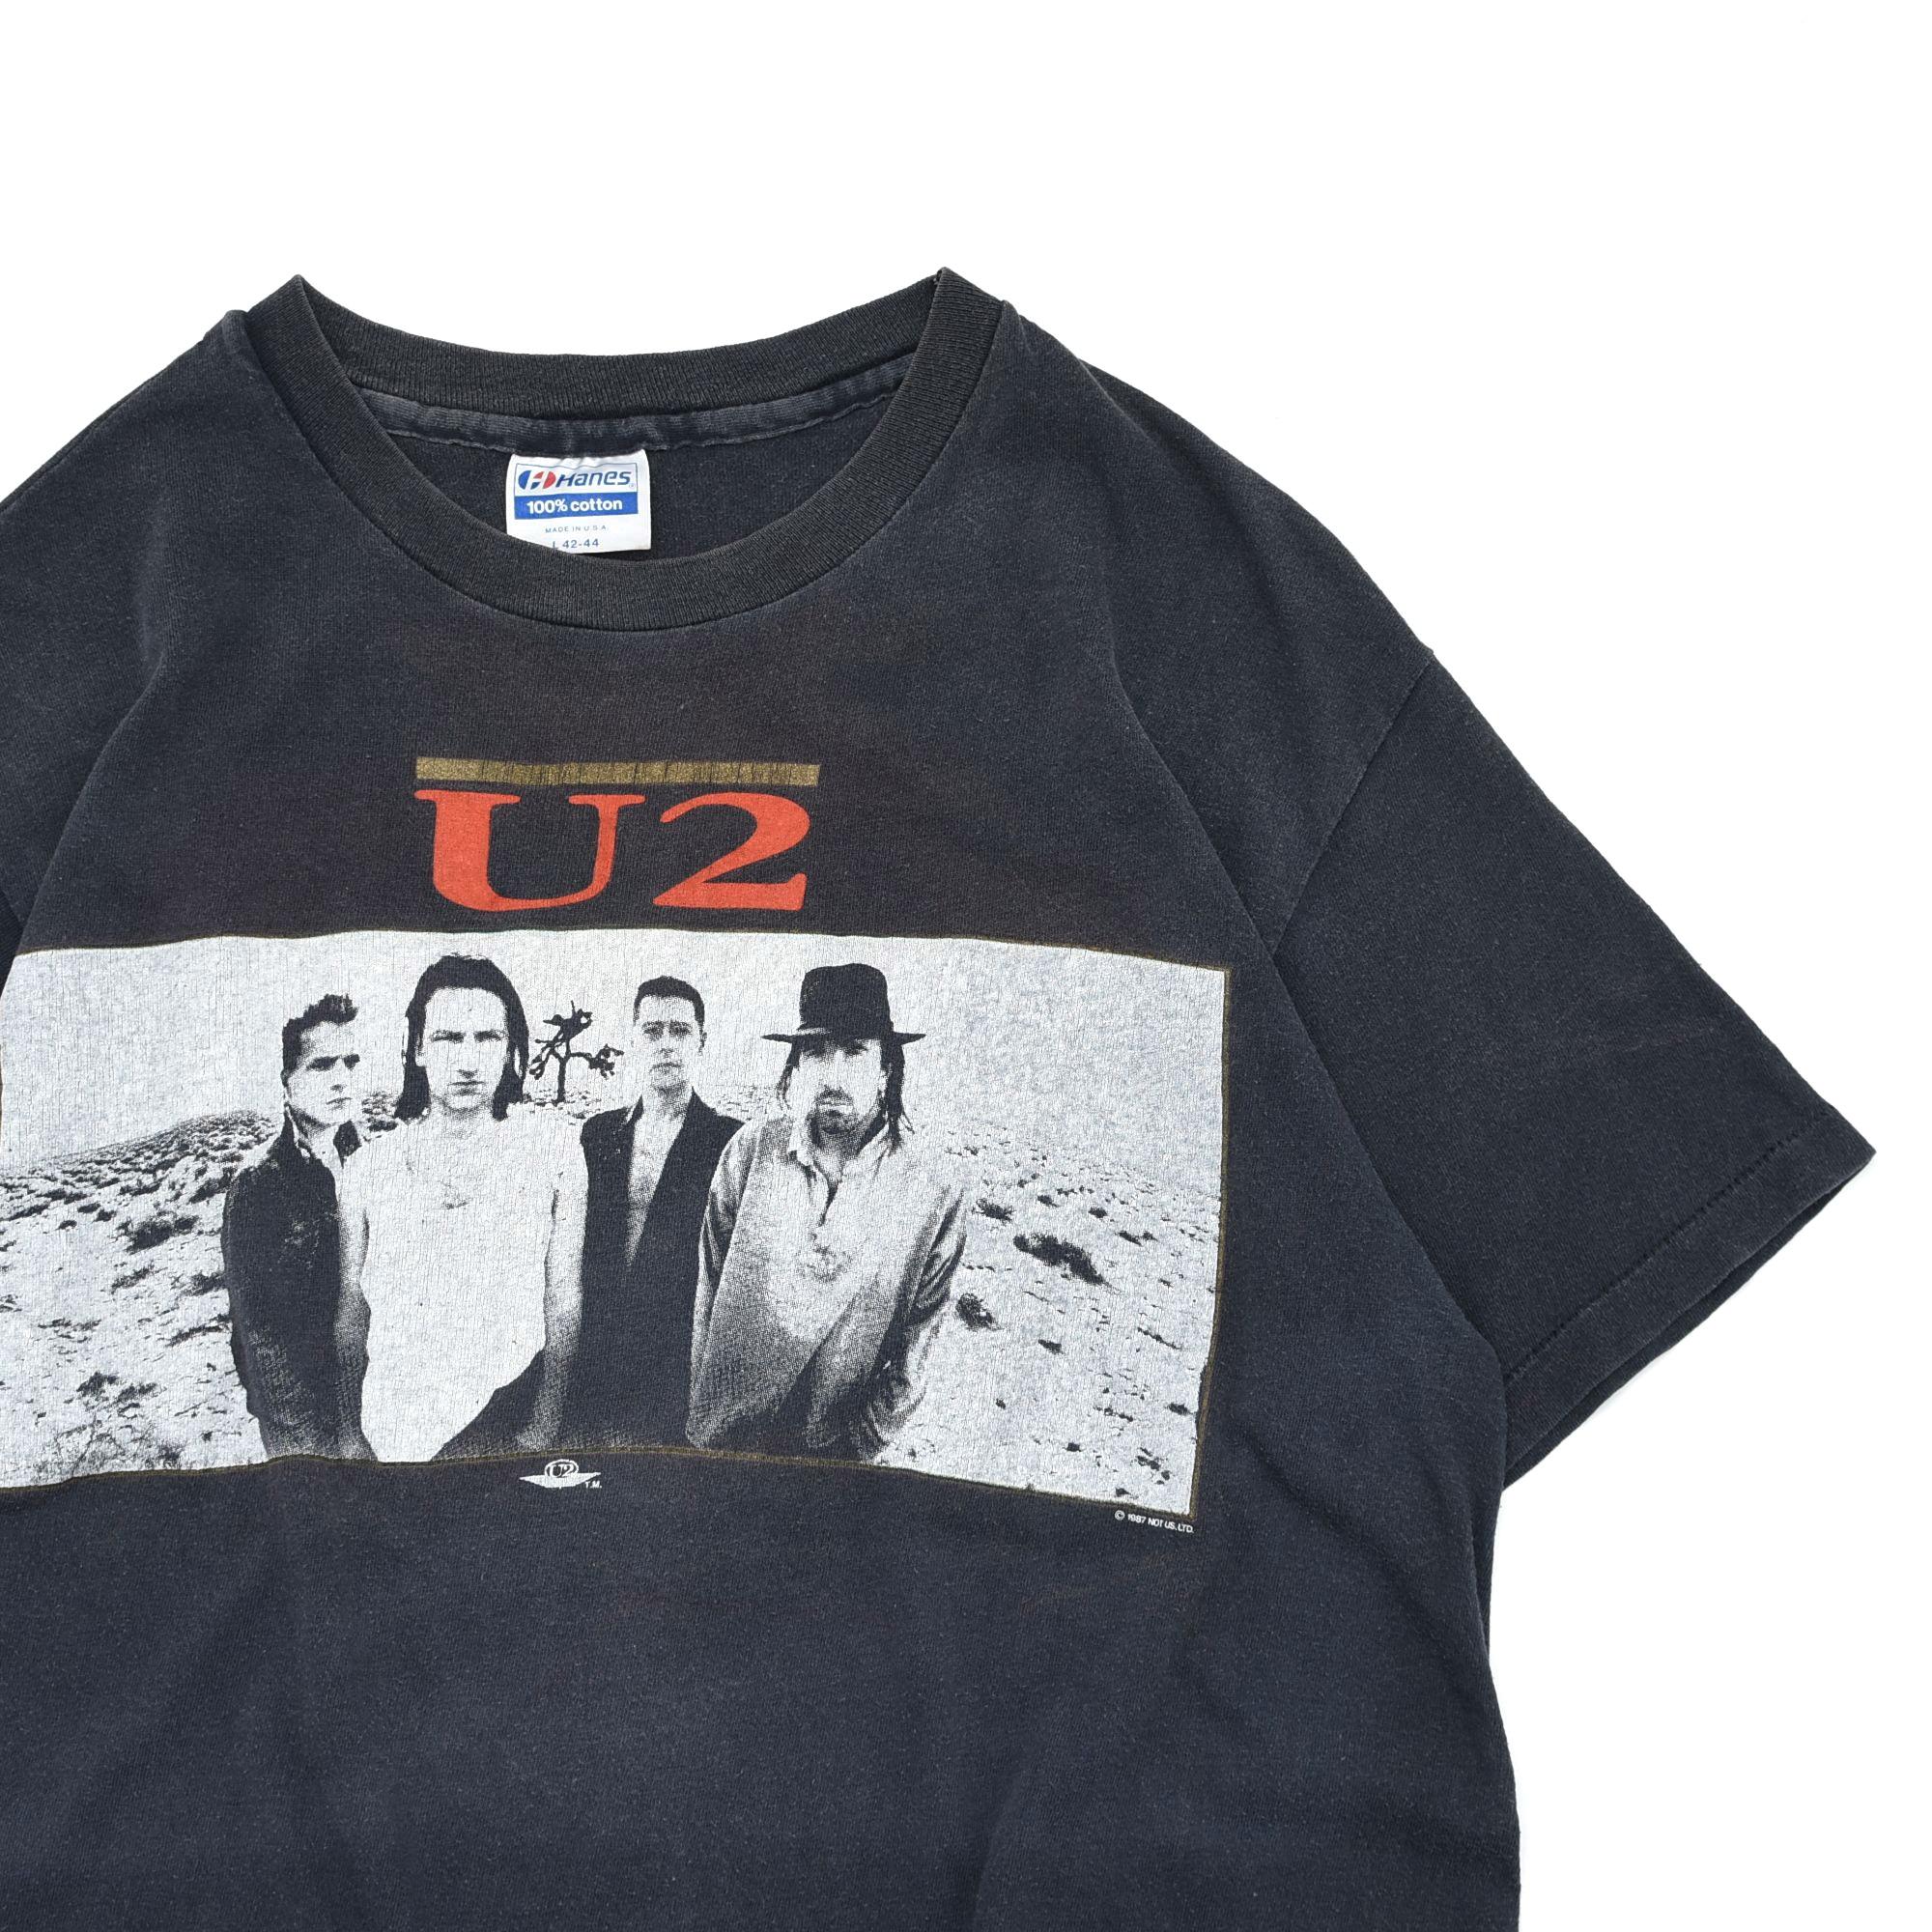 ヴィンテージバンドTシャツは褪せてるほうがカッコイイ説✨80S U2 ツアーTシャツ